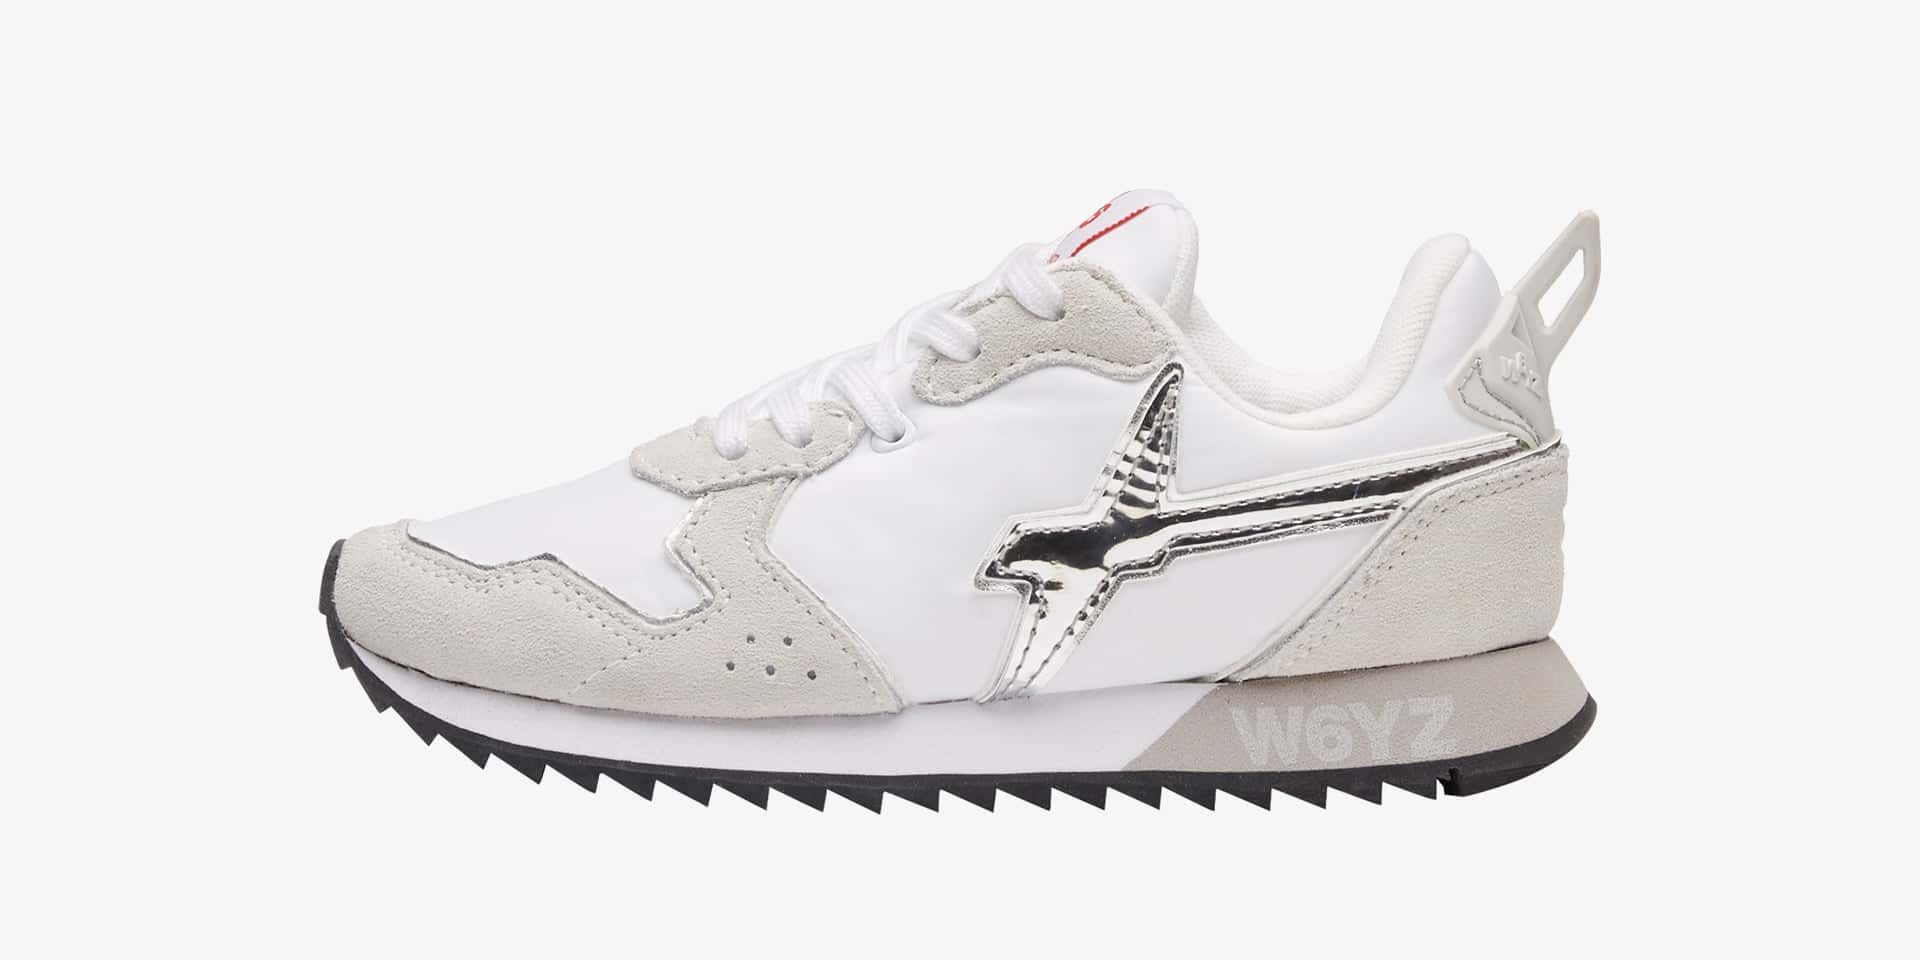 JET-J - Sneaker con logo a specchio - Bianco-Argento